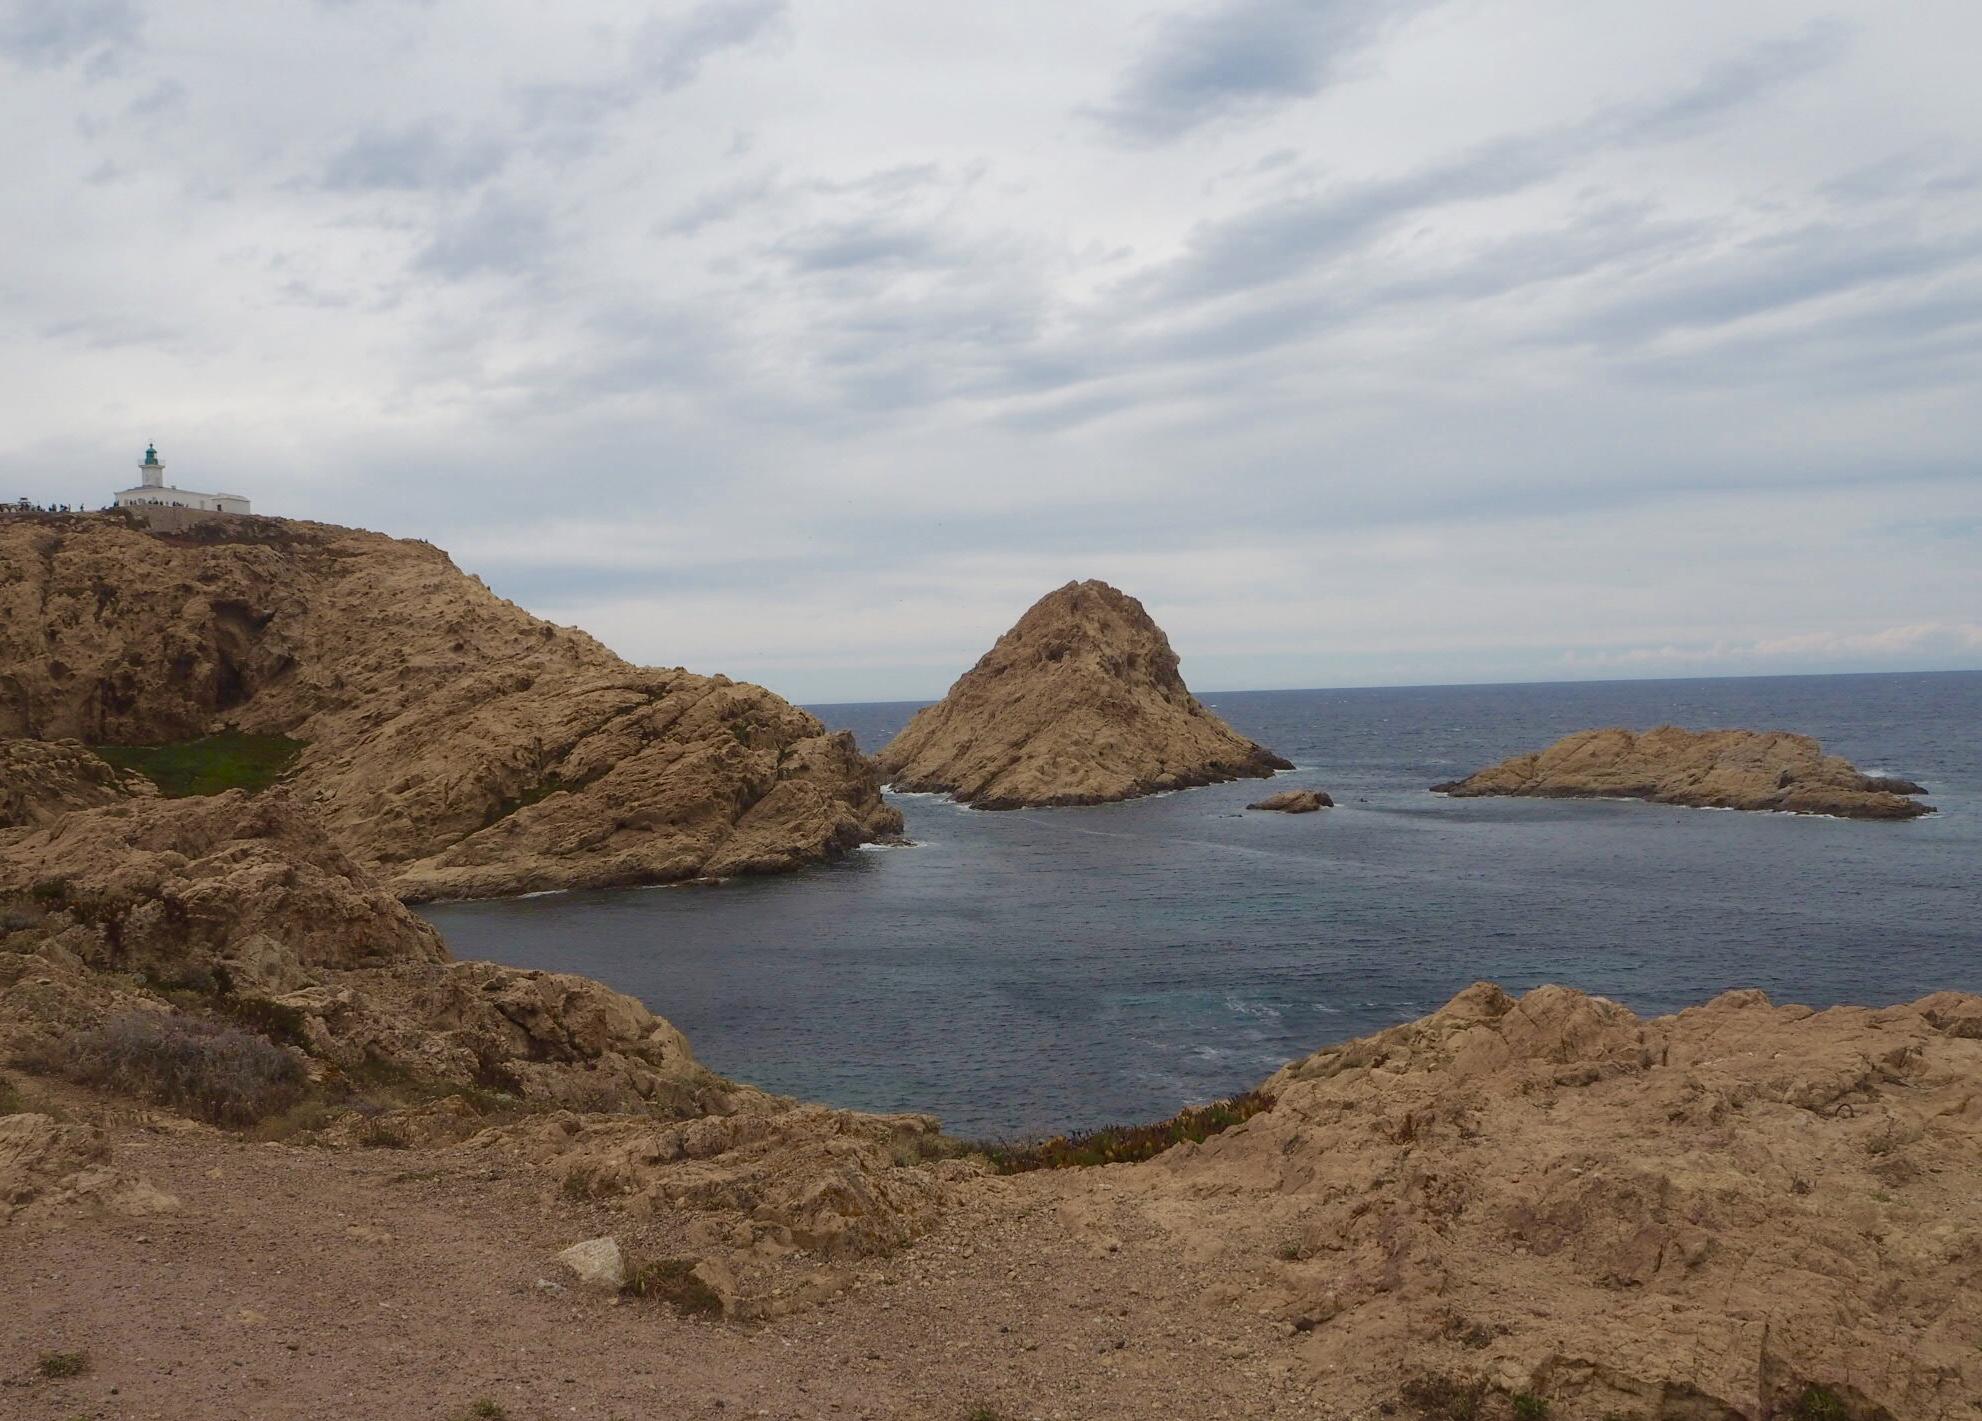 L'Ile Russe Corsica